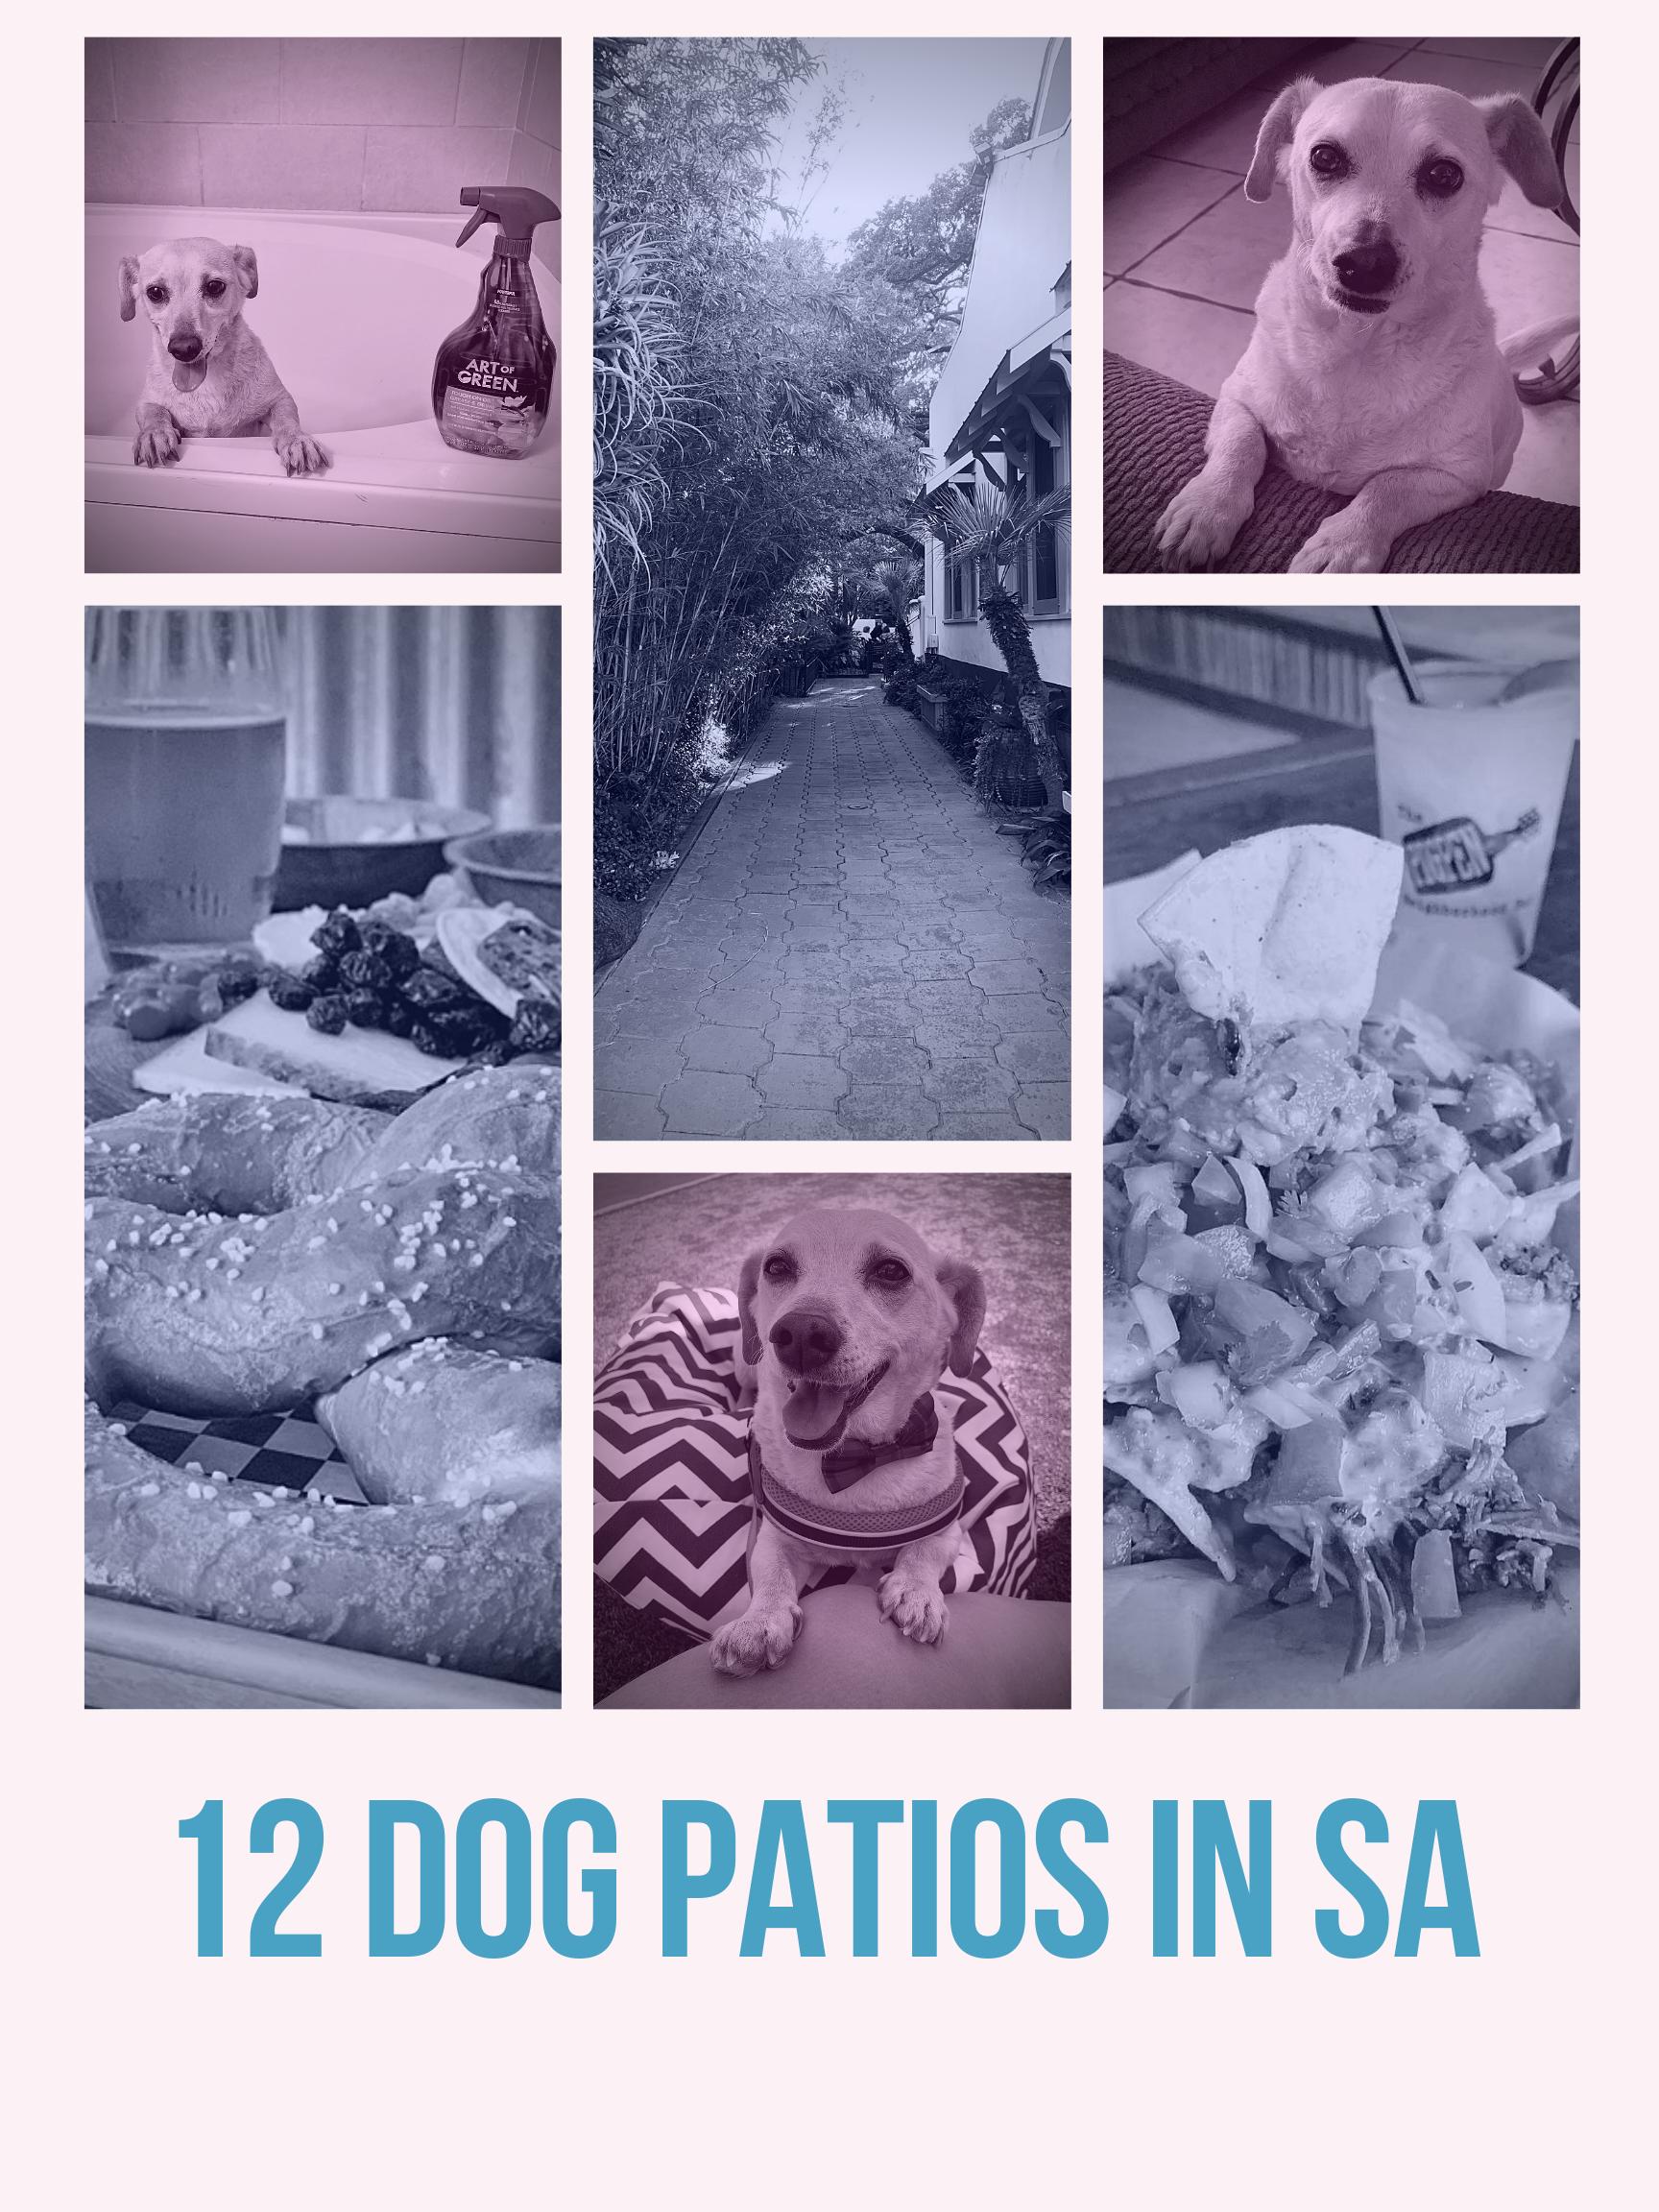 dog patios in san antonio tx